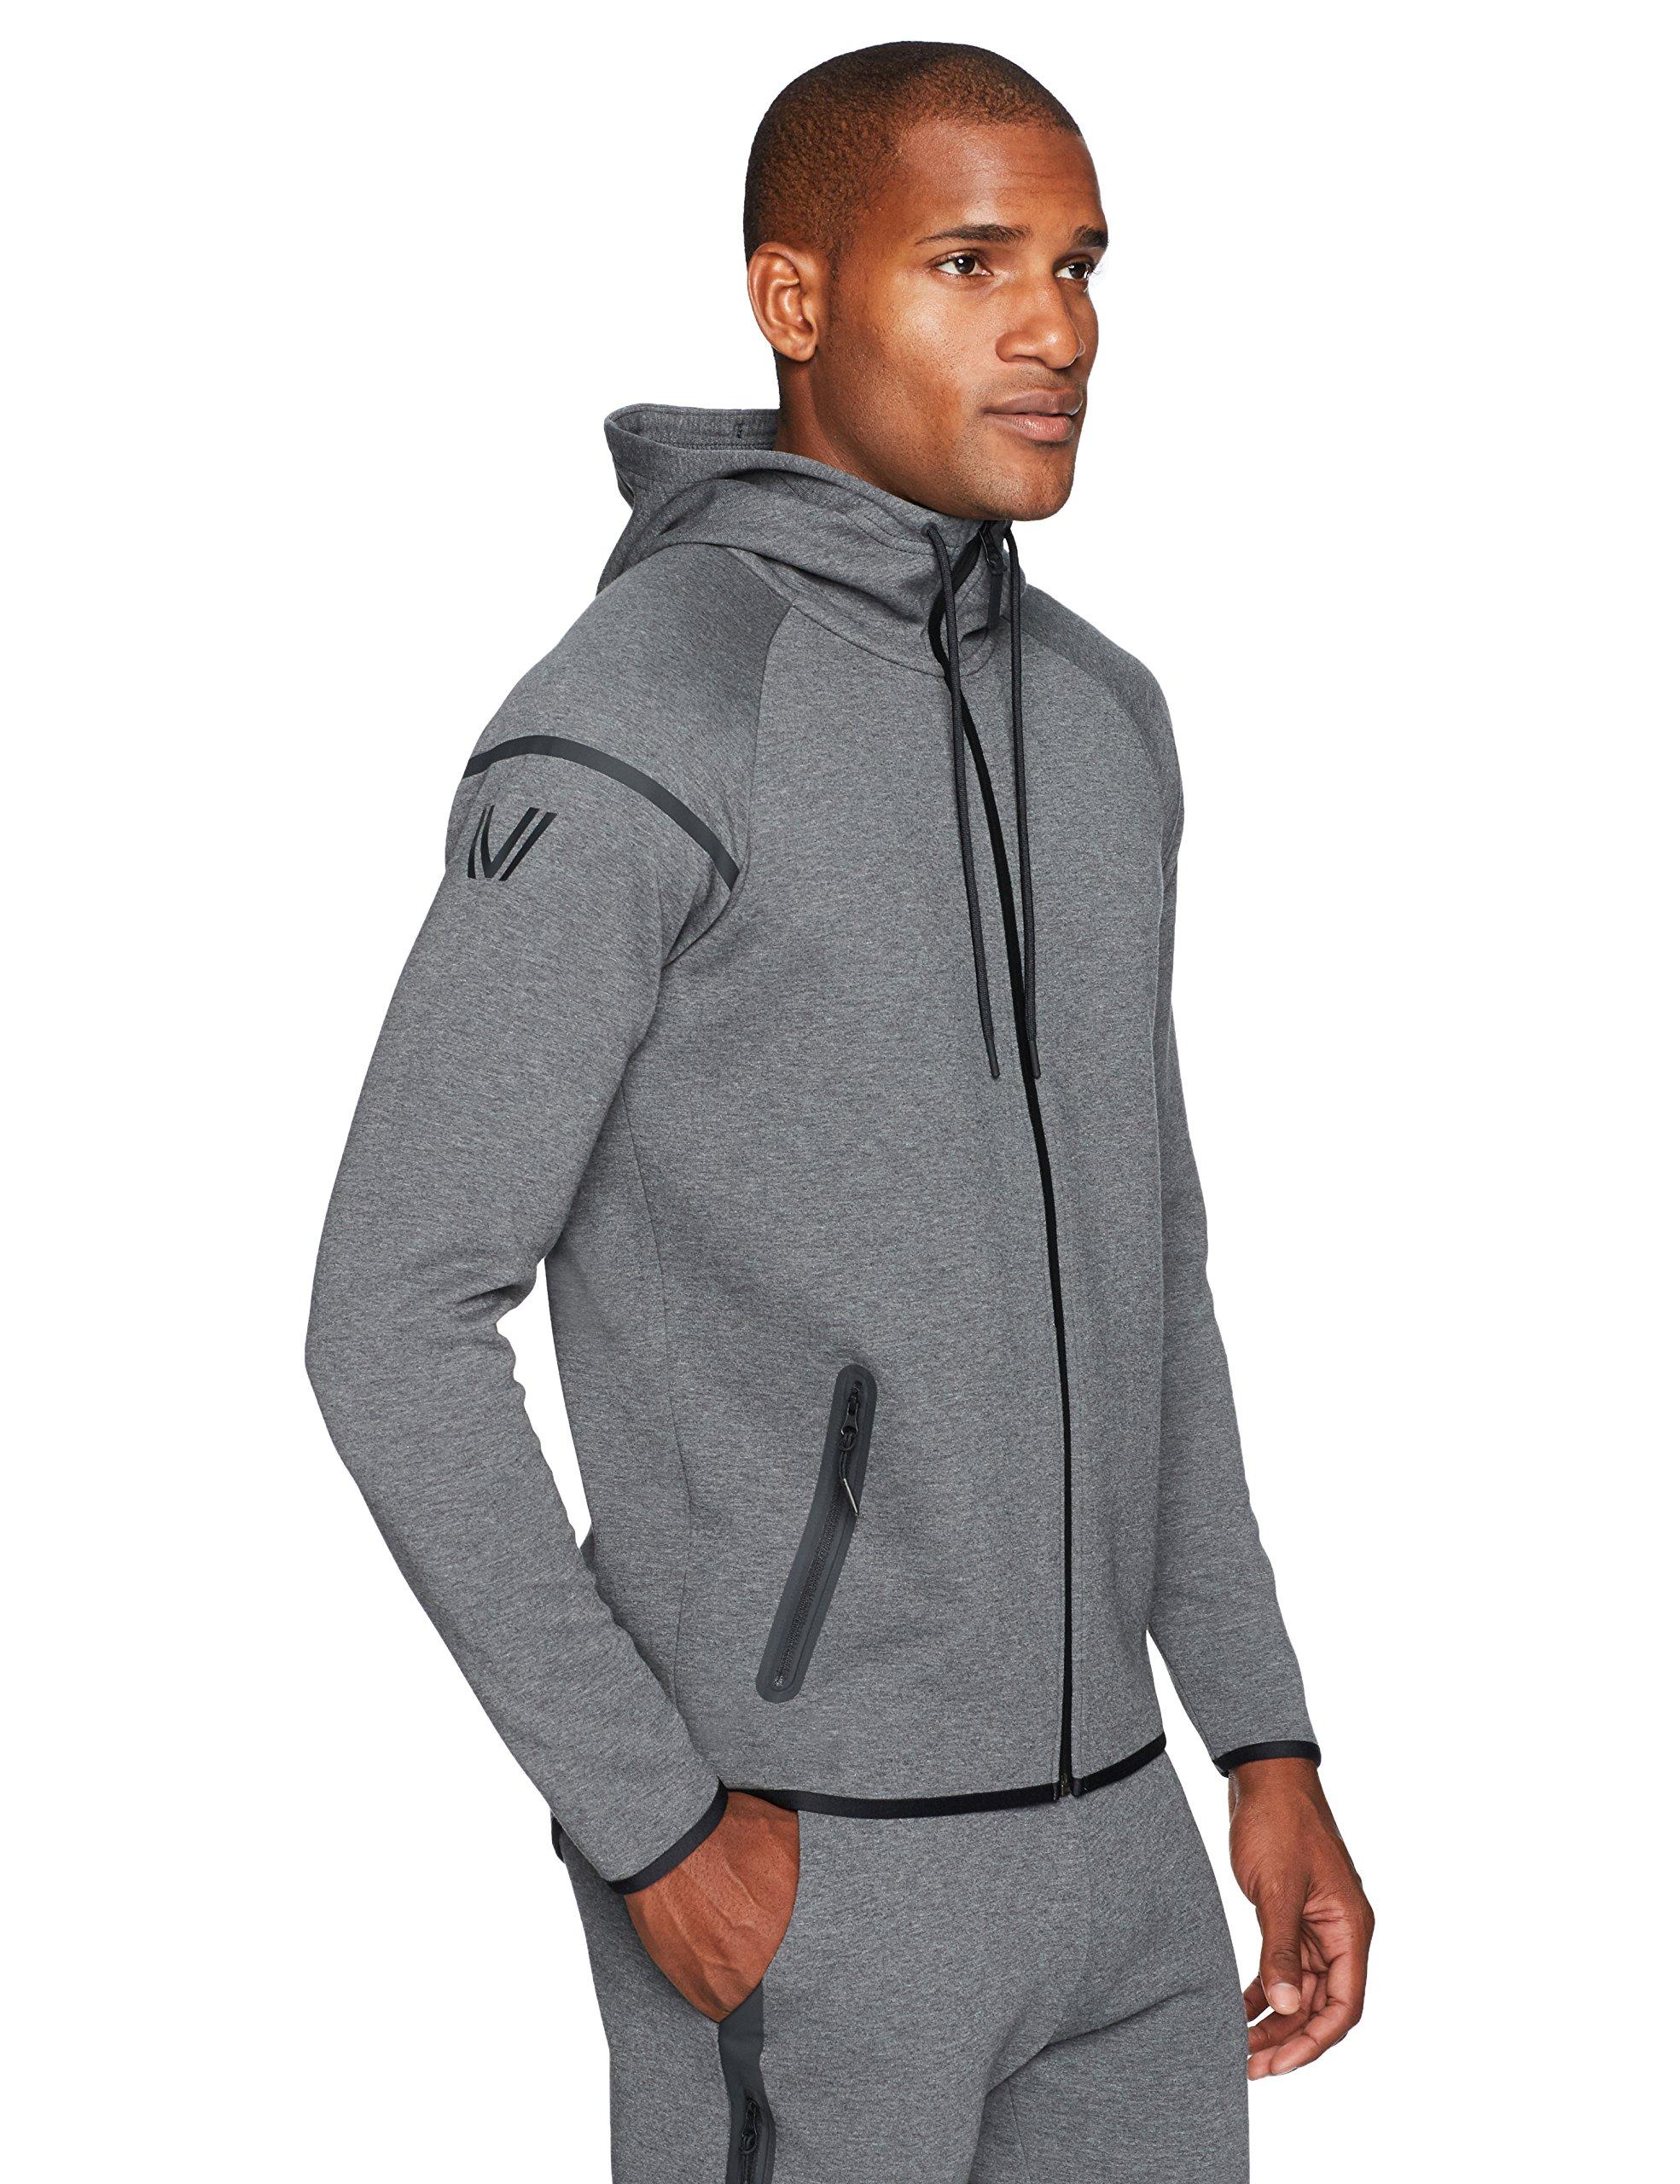 Peak Velocity Men's Metro Fleece Full-Zip Athletic-Fit Hoodie, Dark Grey Heather, Large